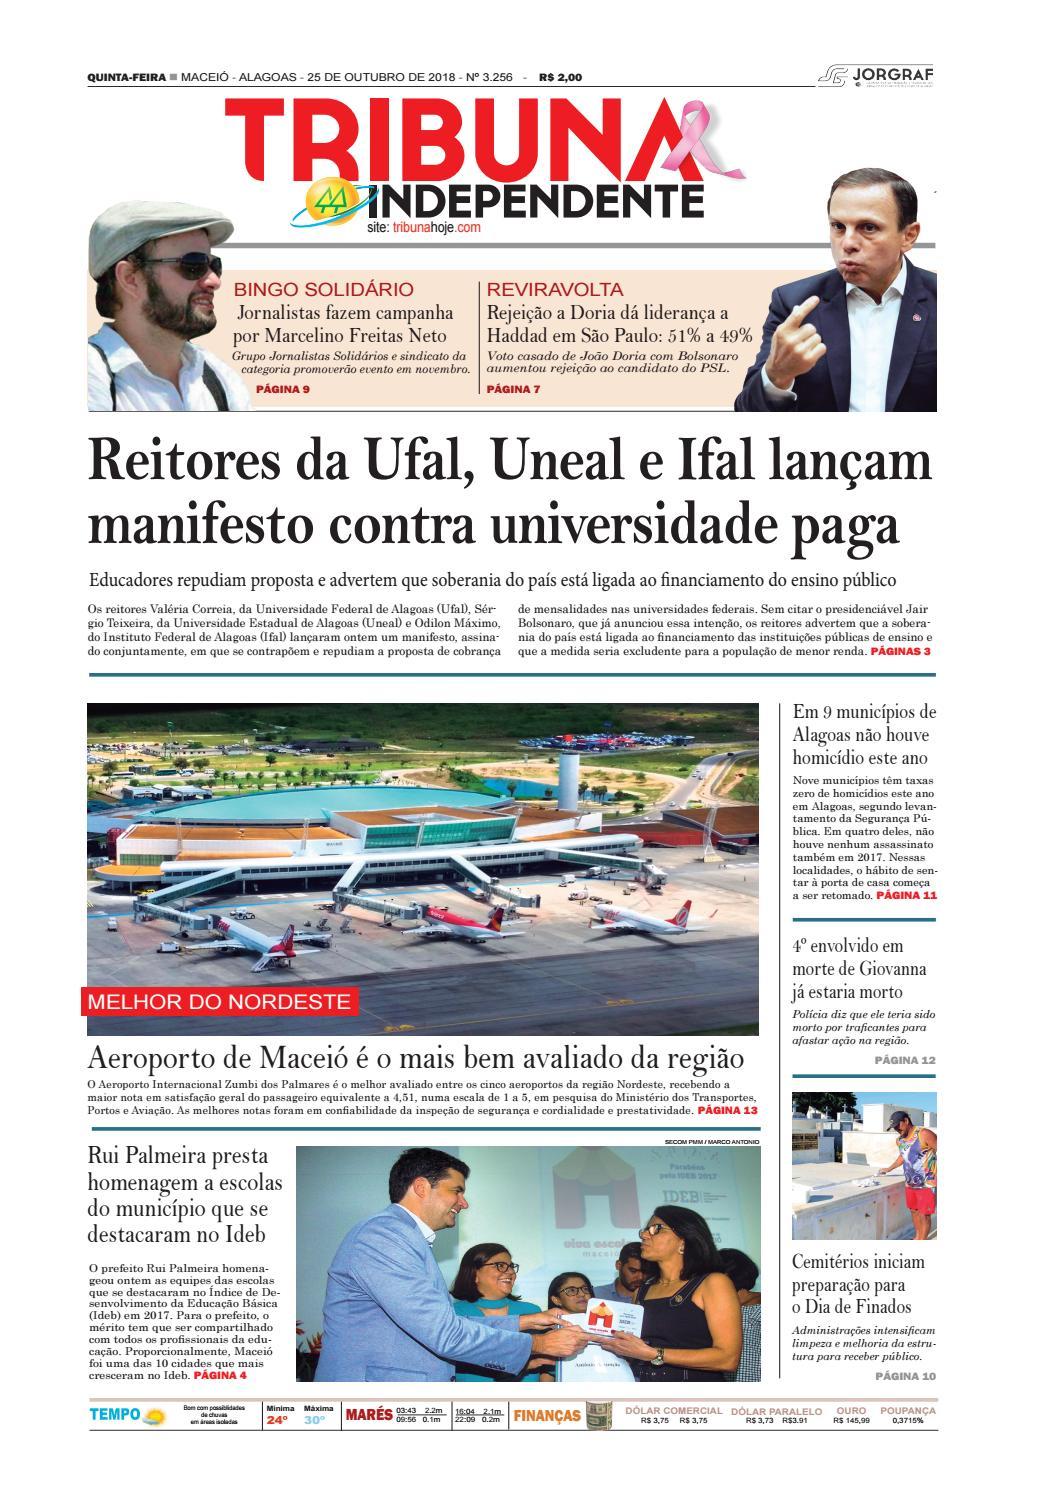 5fb871a6166 Edição número 3256 - 25 de outubro de 2018 by Tribuna Hoje - issuu